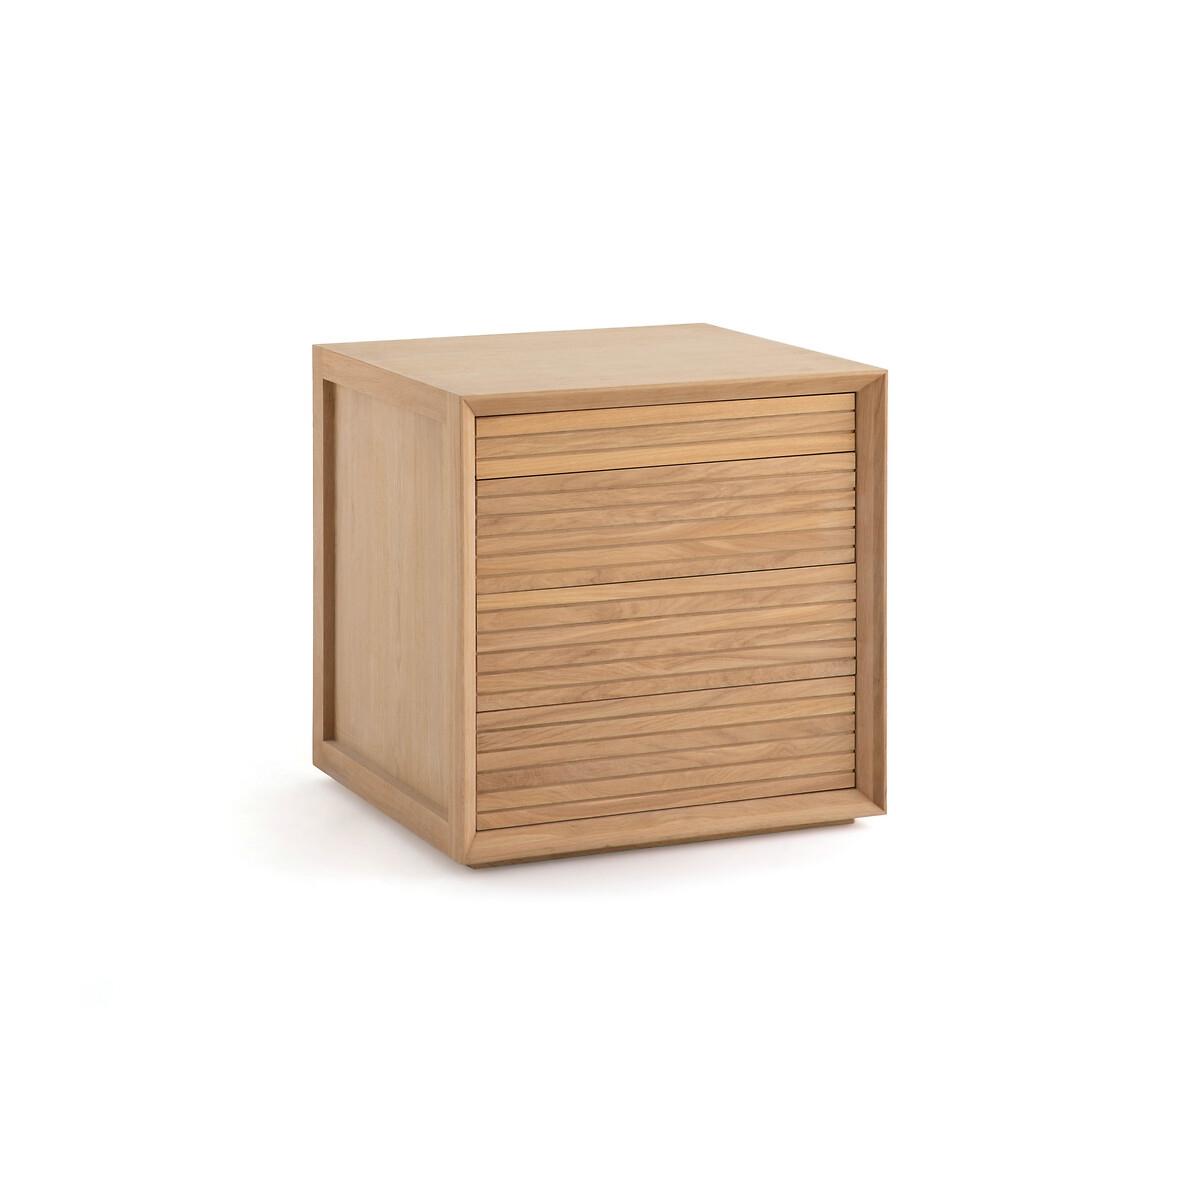 Шкаф LaRedoute Для одежды одинарный нижняя часть Joaquin единый размер каштановый